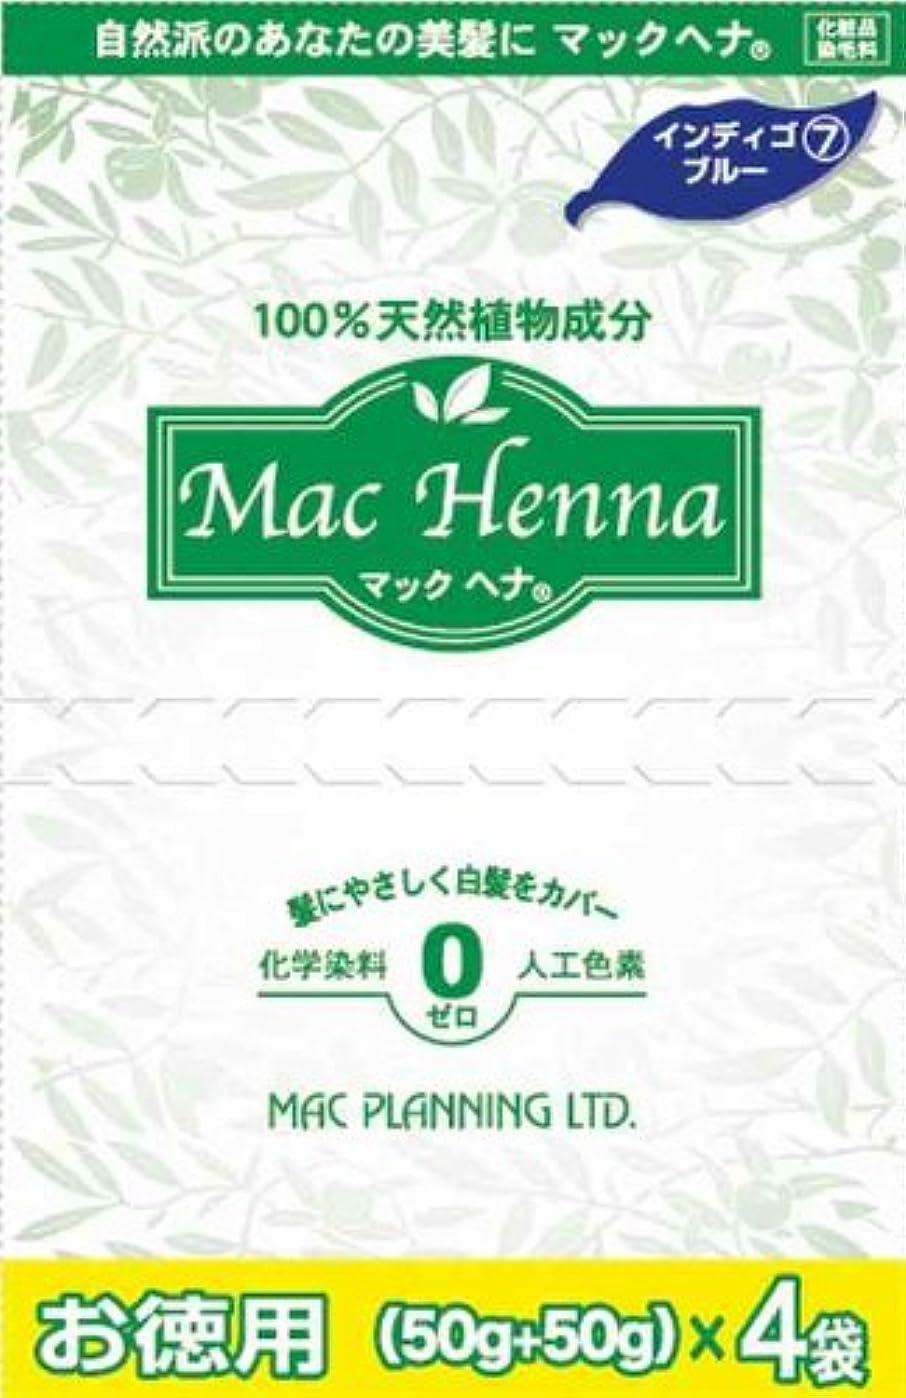 フィットネス横たくさんのマックヘナ インディゴブルー お徳用 (50g+50g)×4